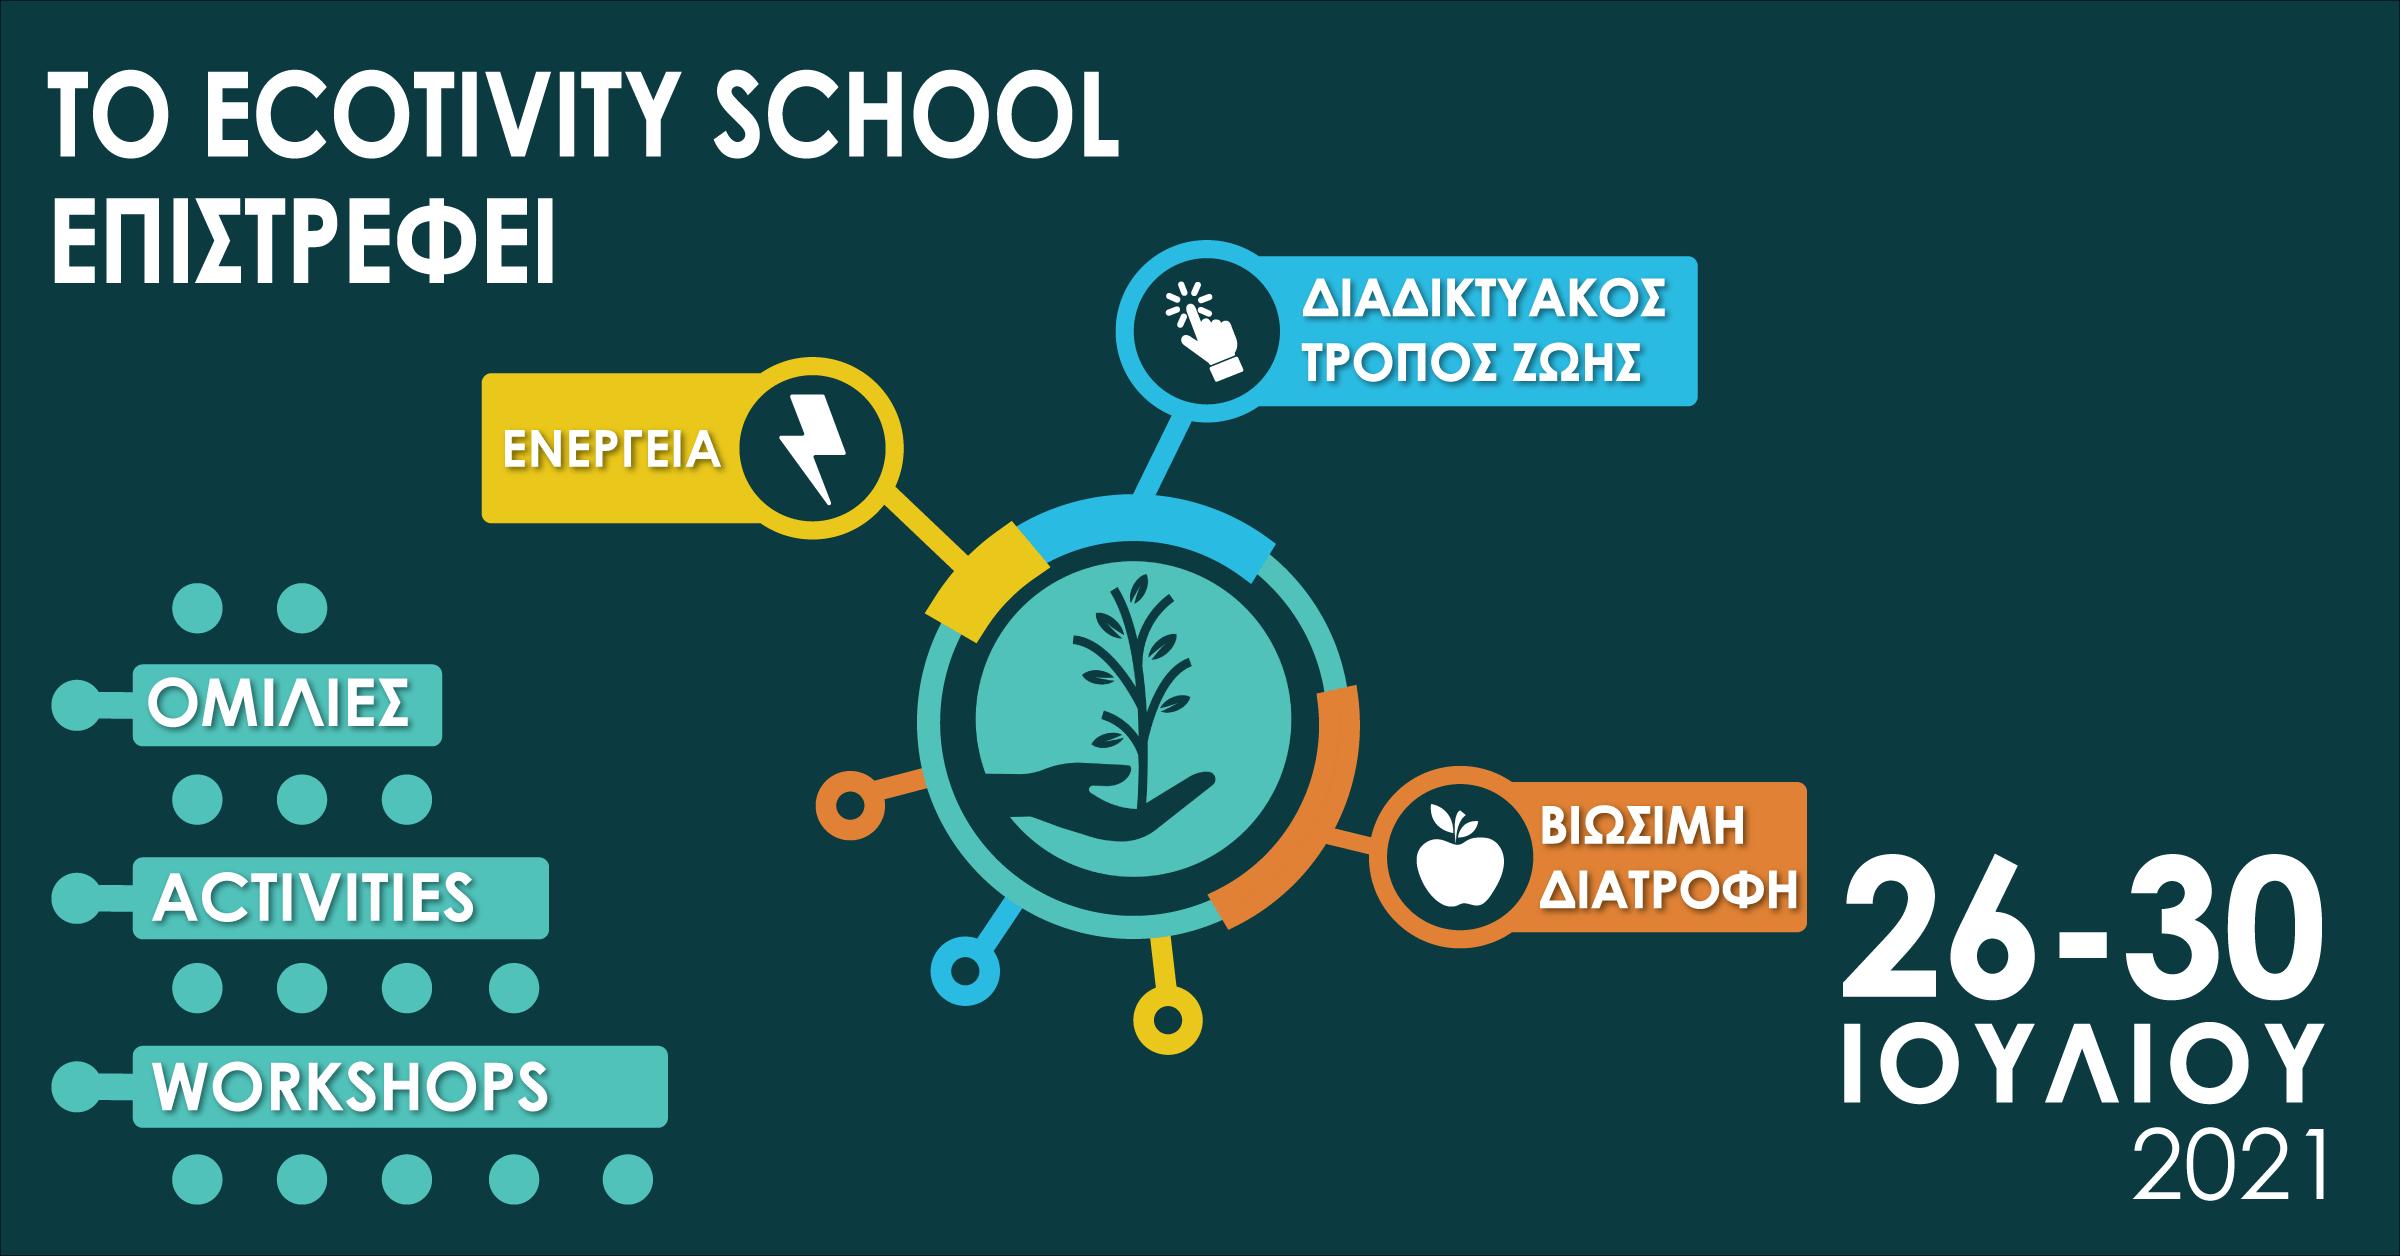 3ο Ecotivity School